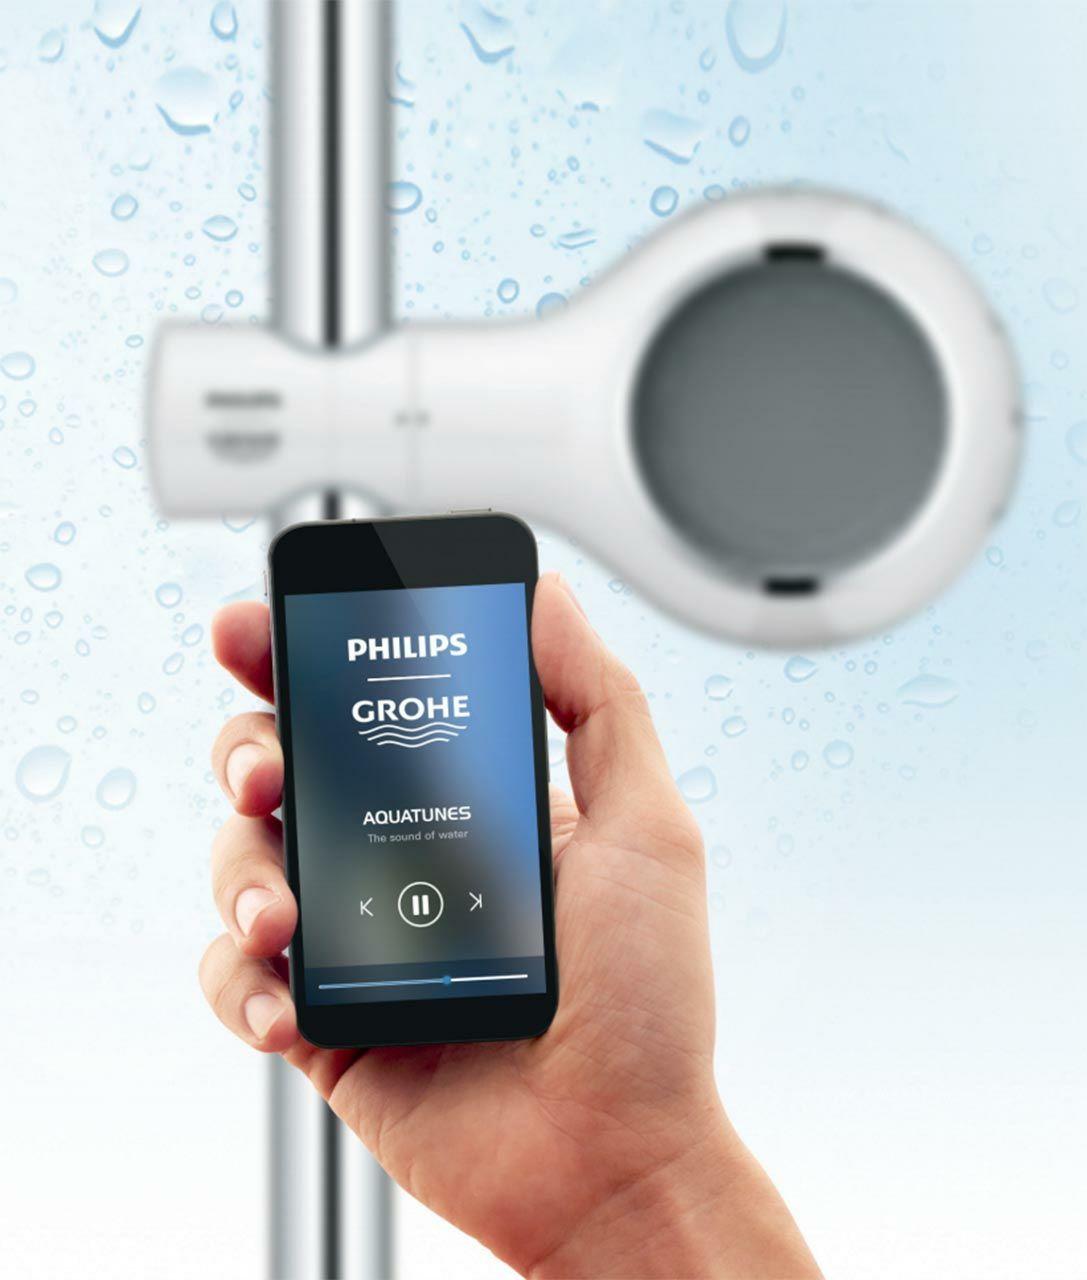 HORNBACH - Grohe Aquatunes kabelloser Bluetooth Dusch-Lautsprecher (Offline verfügbar).